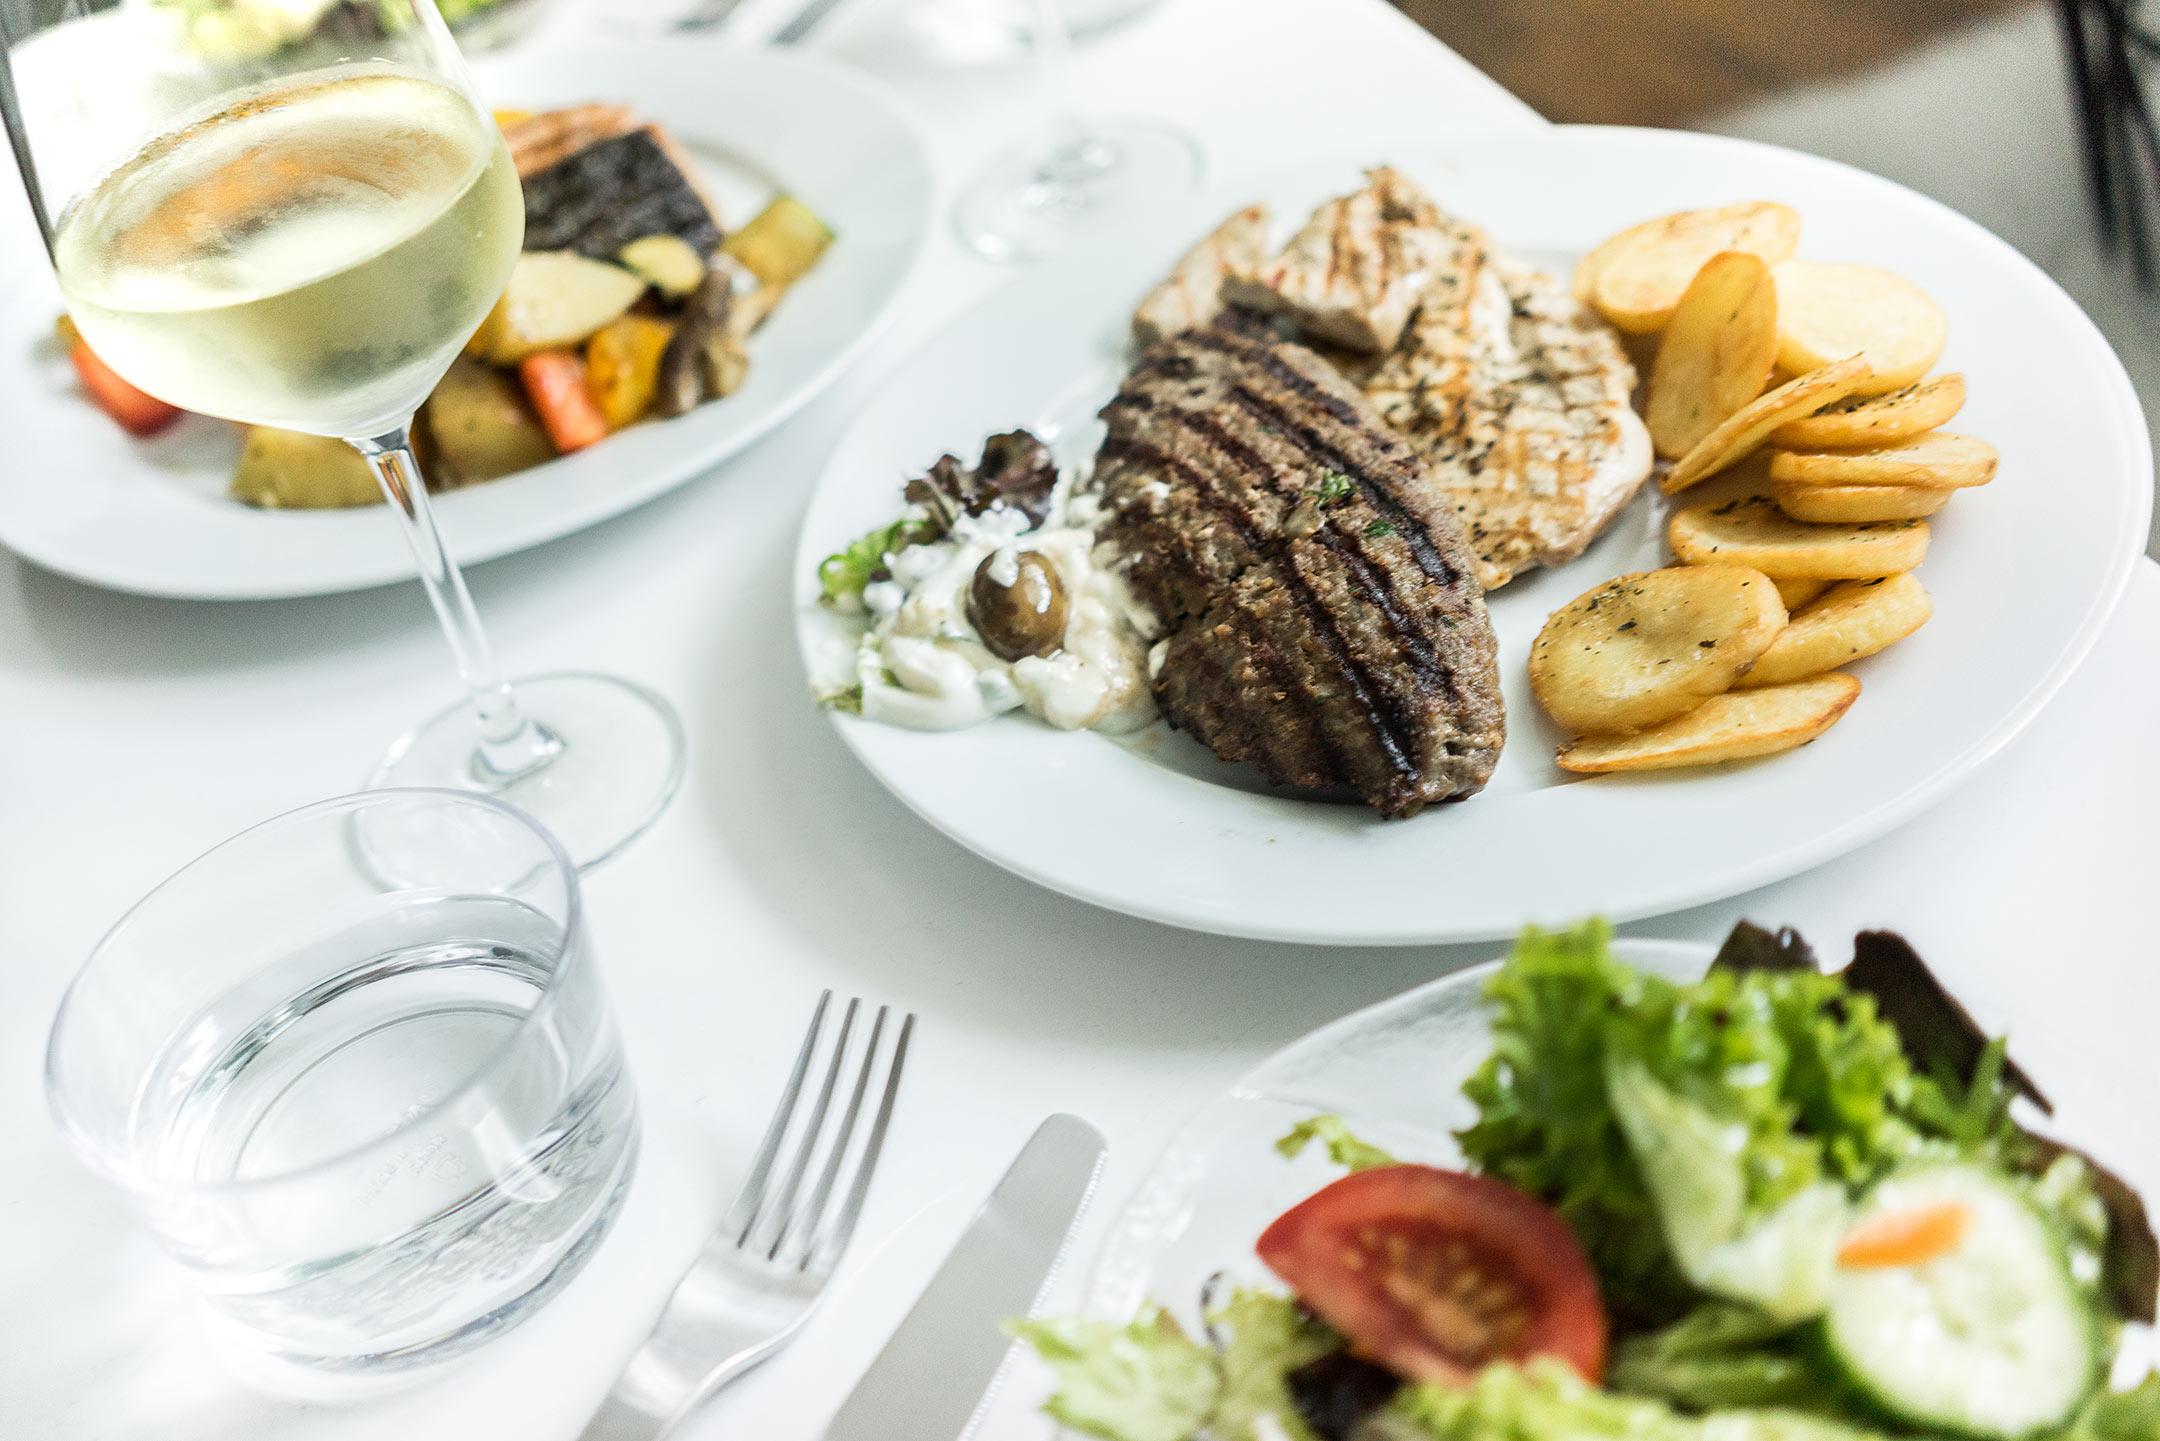 Kostas Fleischteller Foodora Düsseldorf Lifestyle Blog Sunnyinga